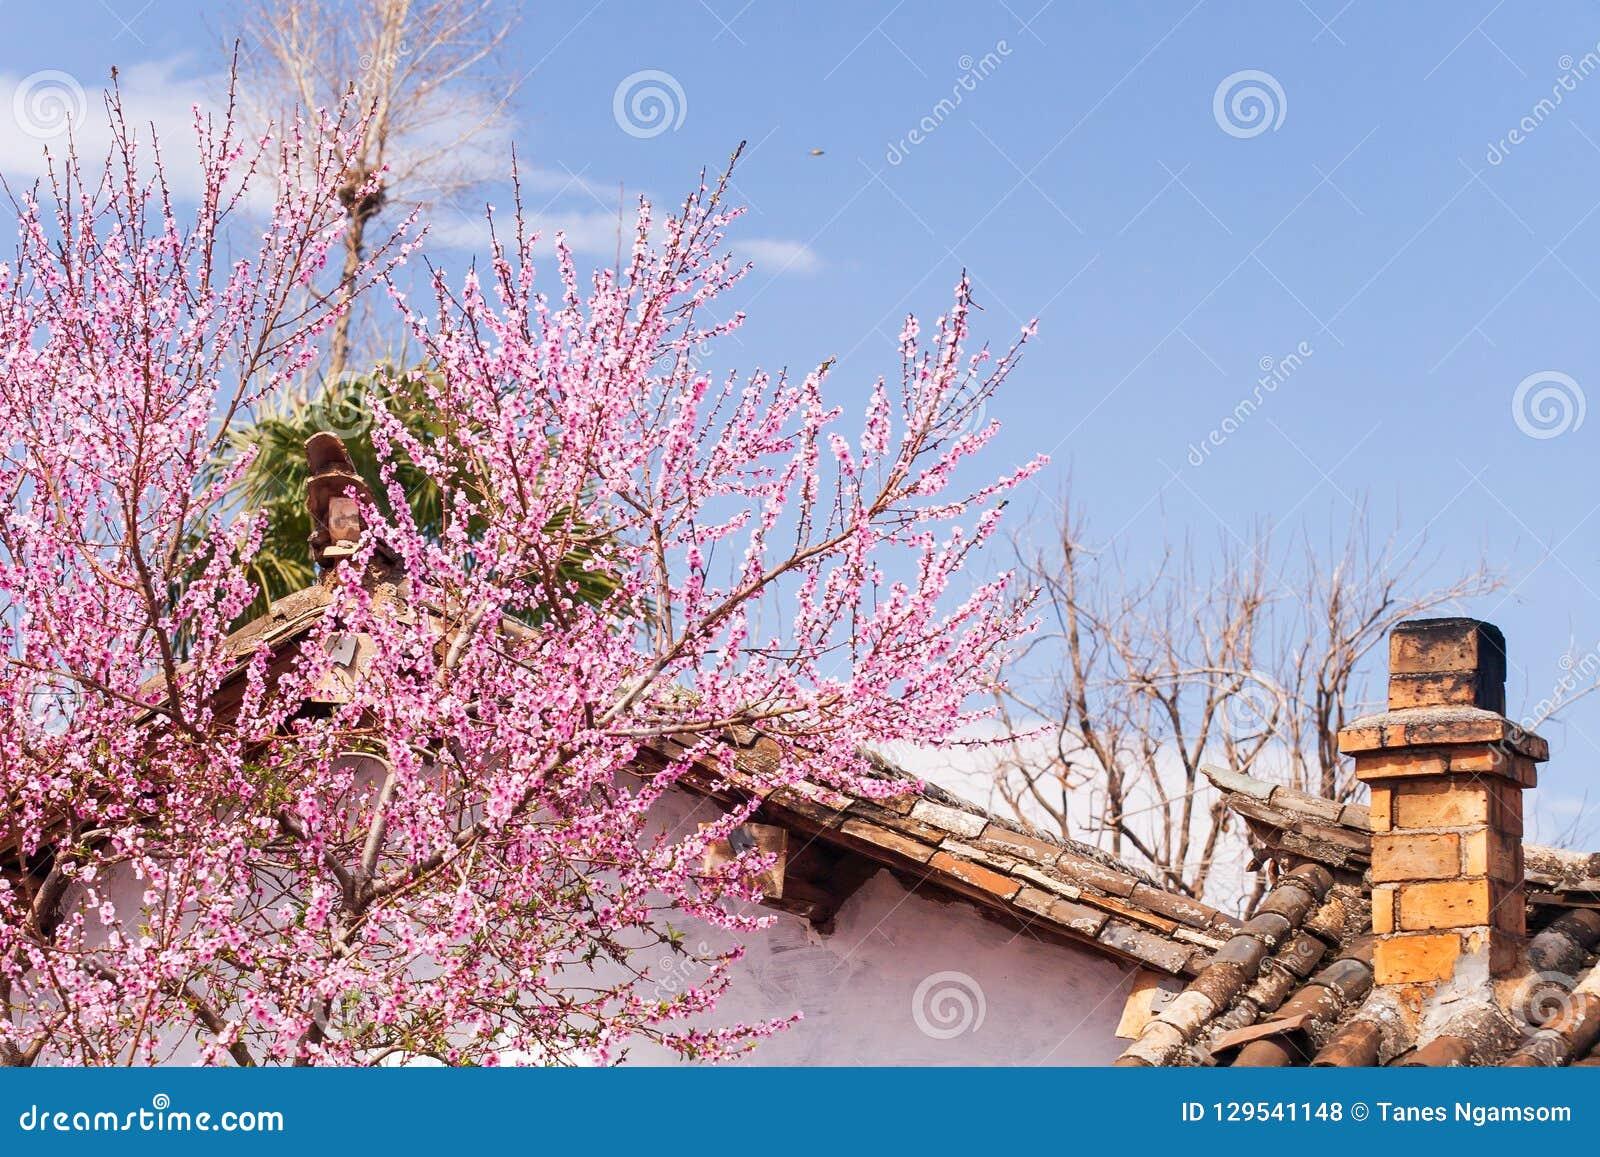 Beau vieux cottage chinois avec du charme avec la cheminée et la floraison